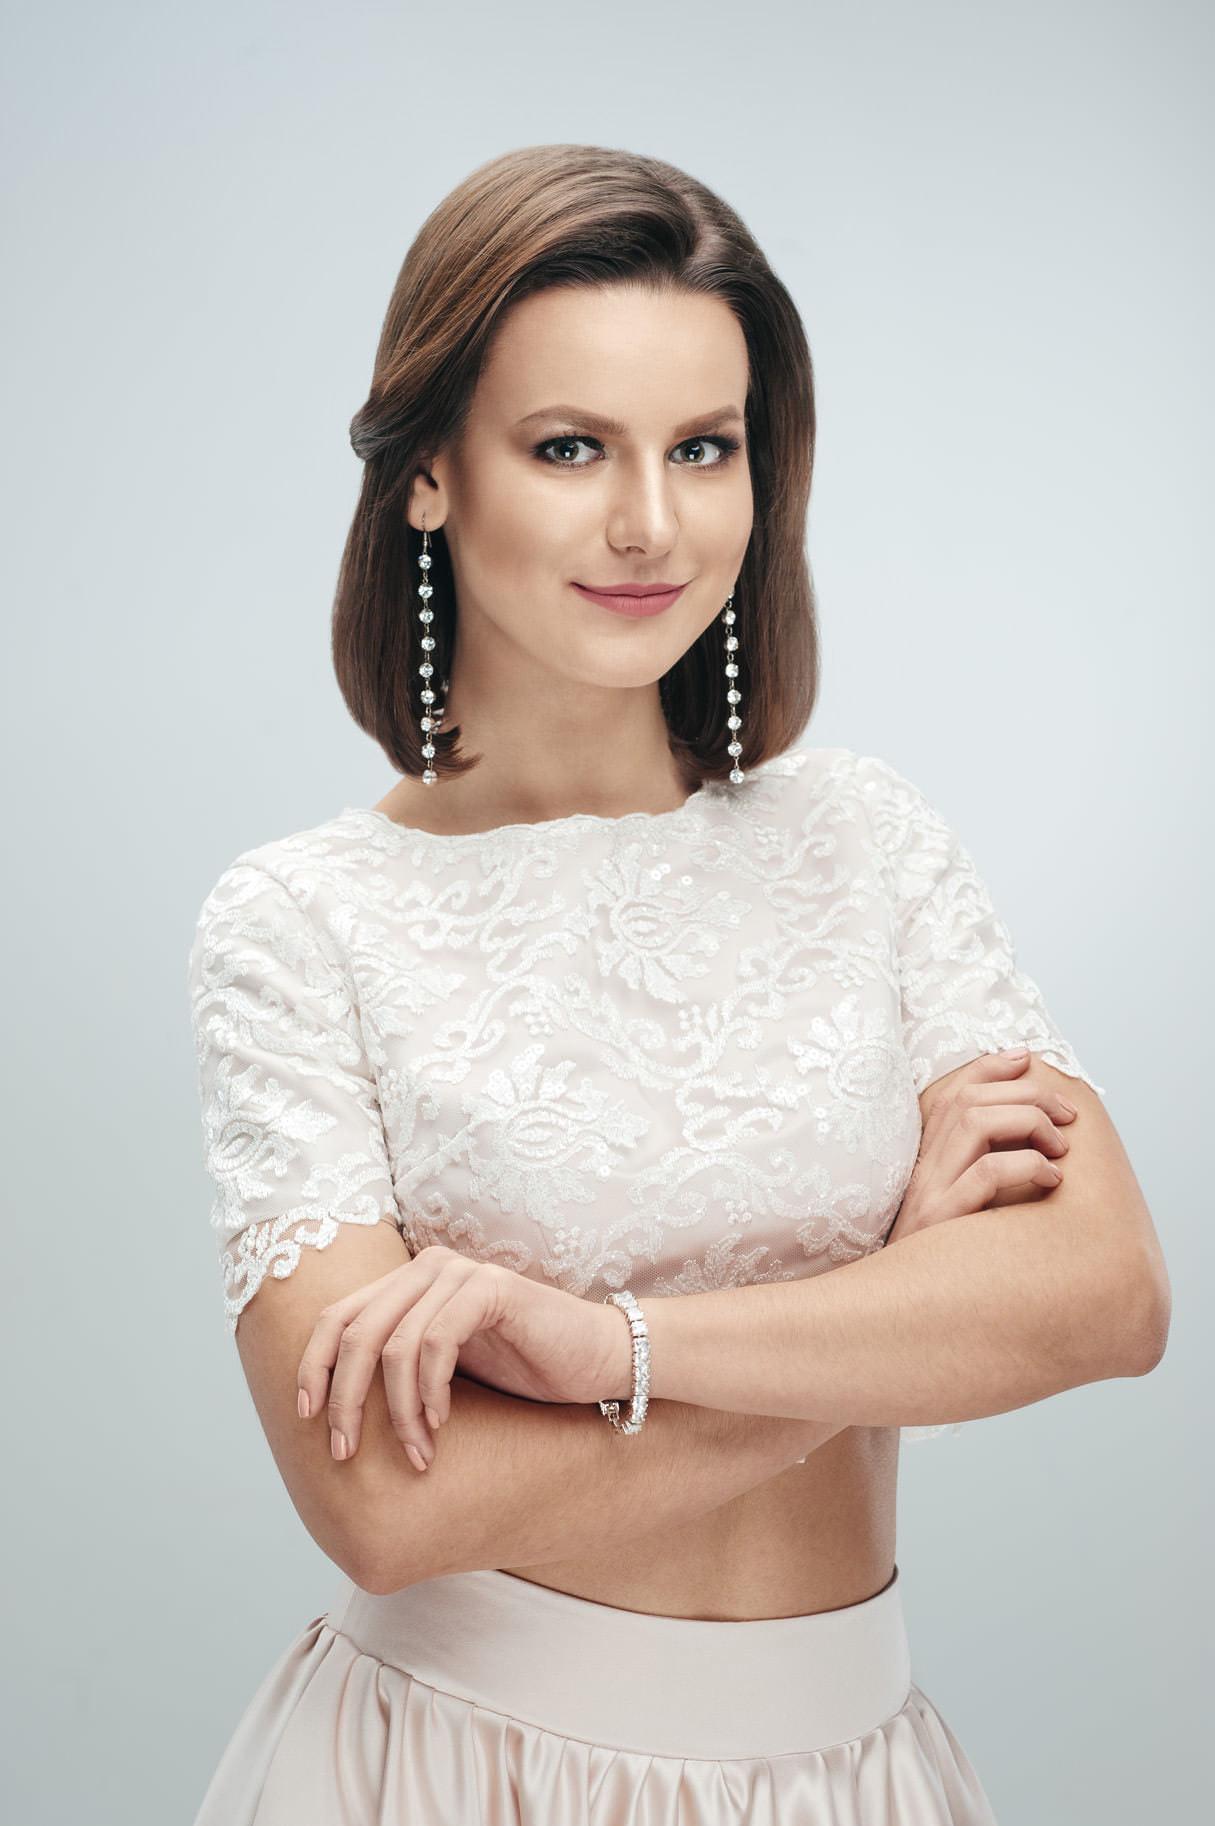 Деловой портрет женщины с украшениями и макияжем на светлом фоне, фотосессия в портретной студии Минска